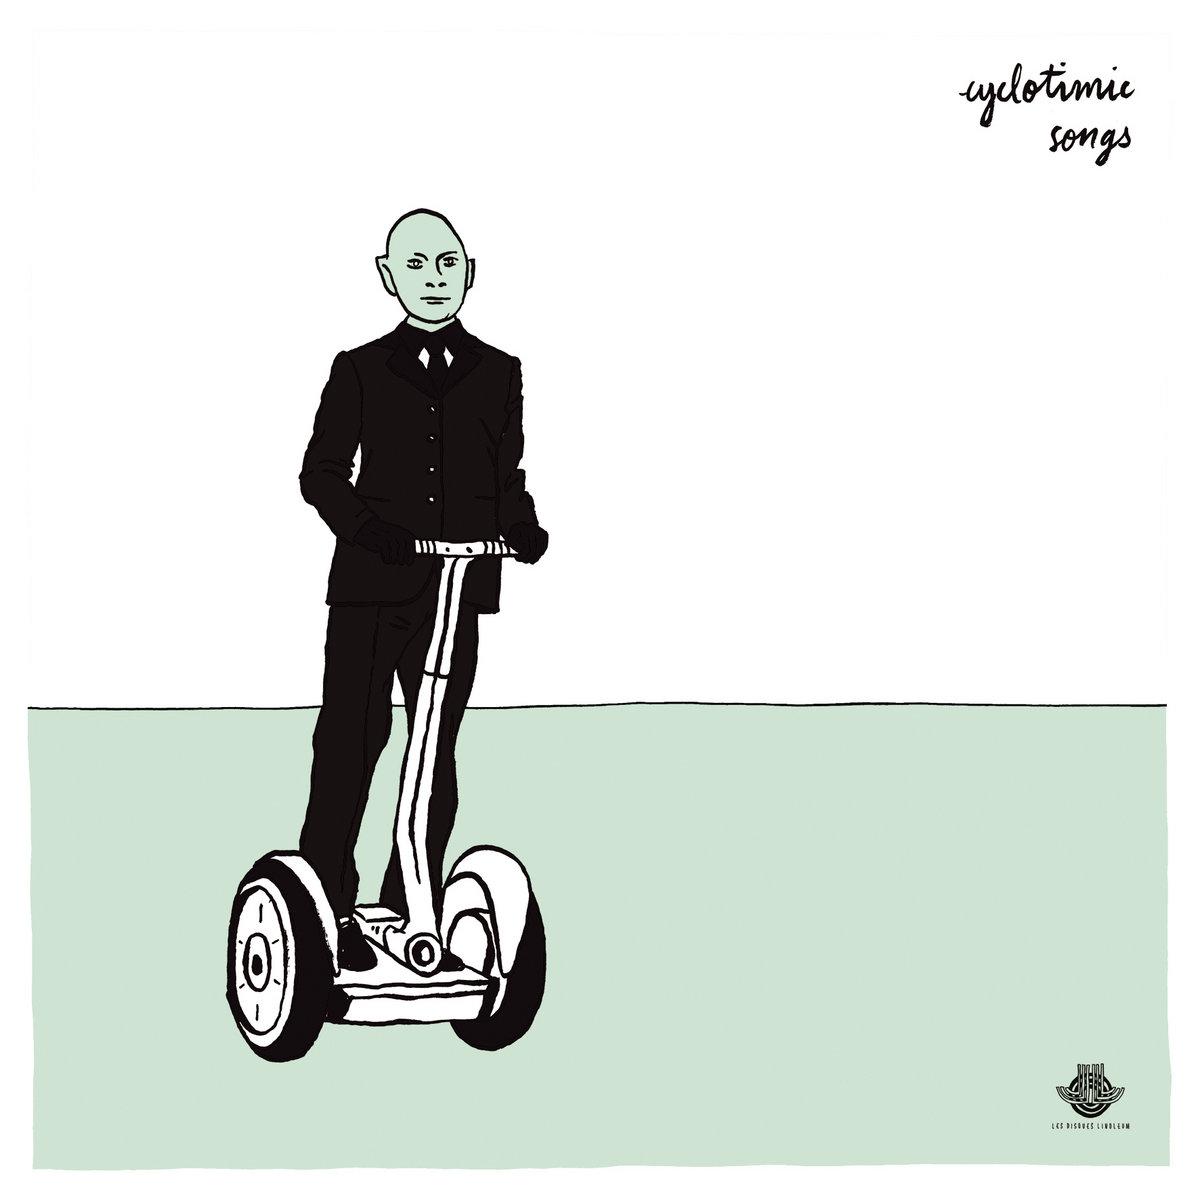 Sarrazy Rochelle – Cyclotimic Songs